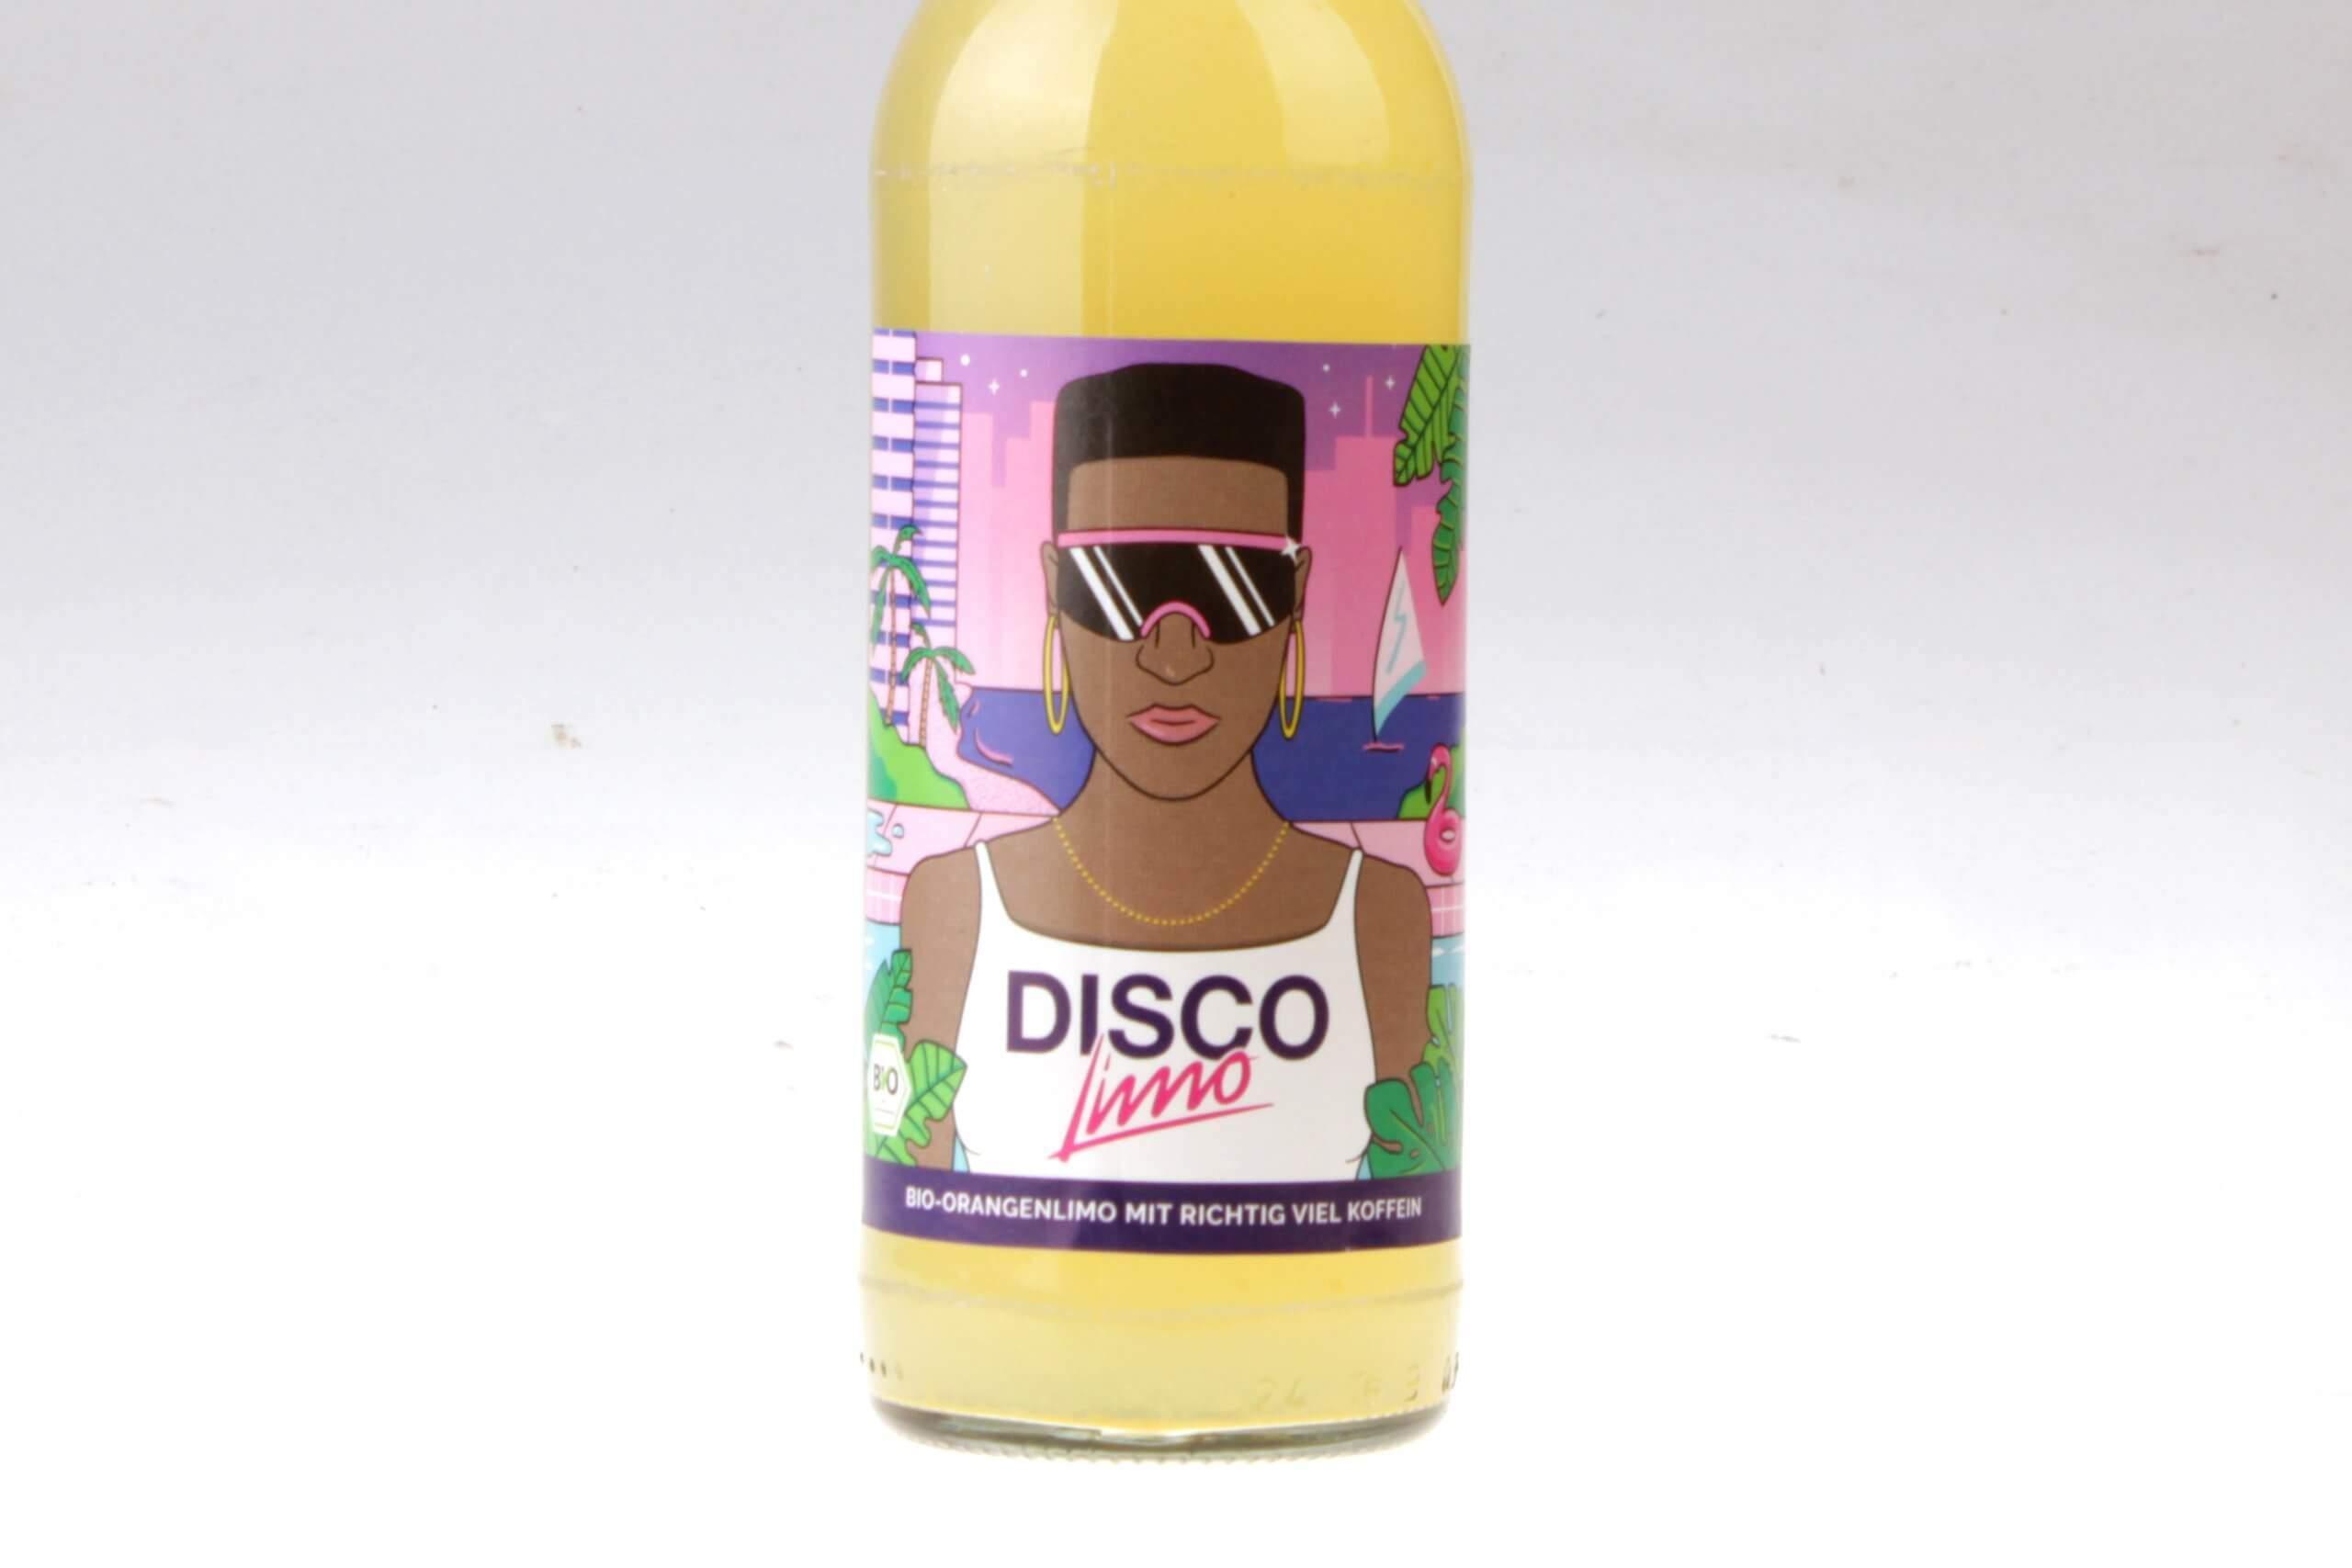 Disco Limo Orange mit Koffein von feinjemacht